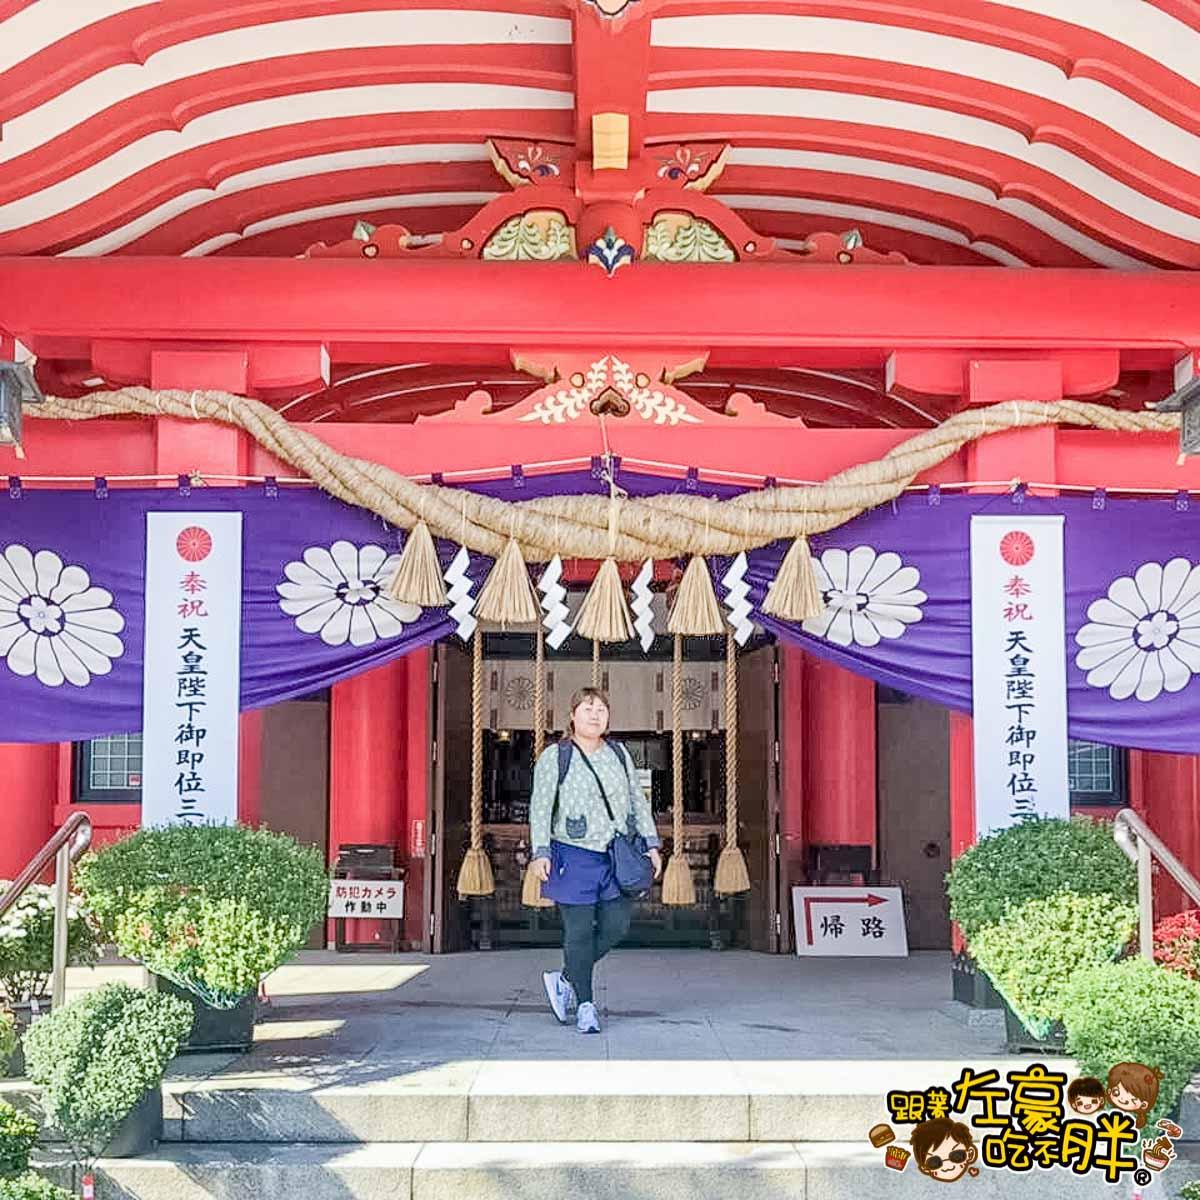 日本東北自由行(仙台山形)DAY5-63